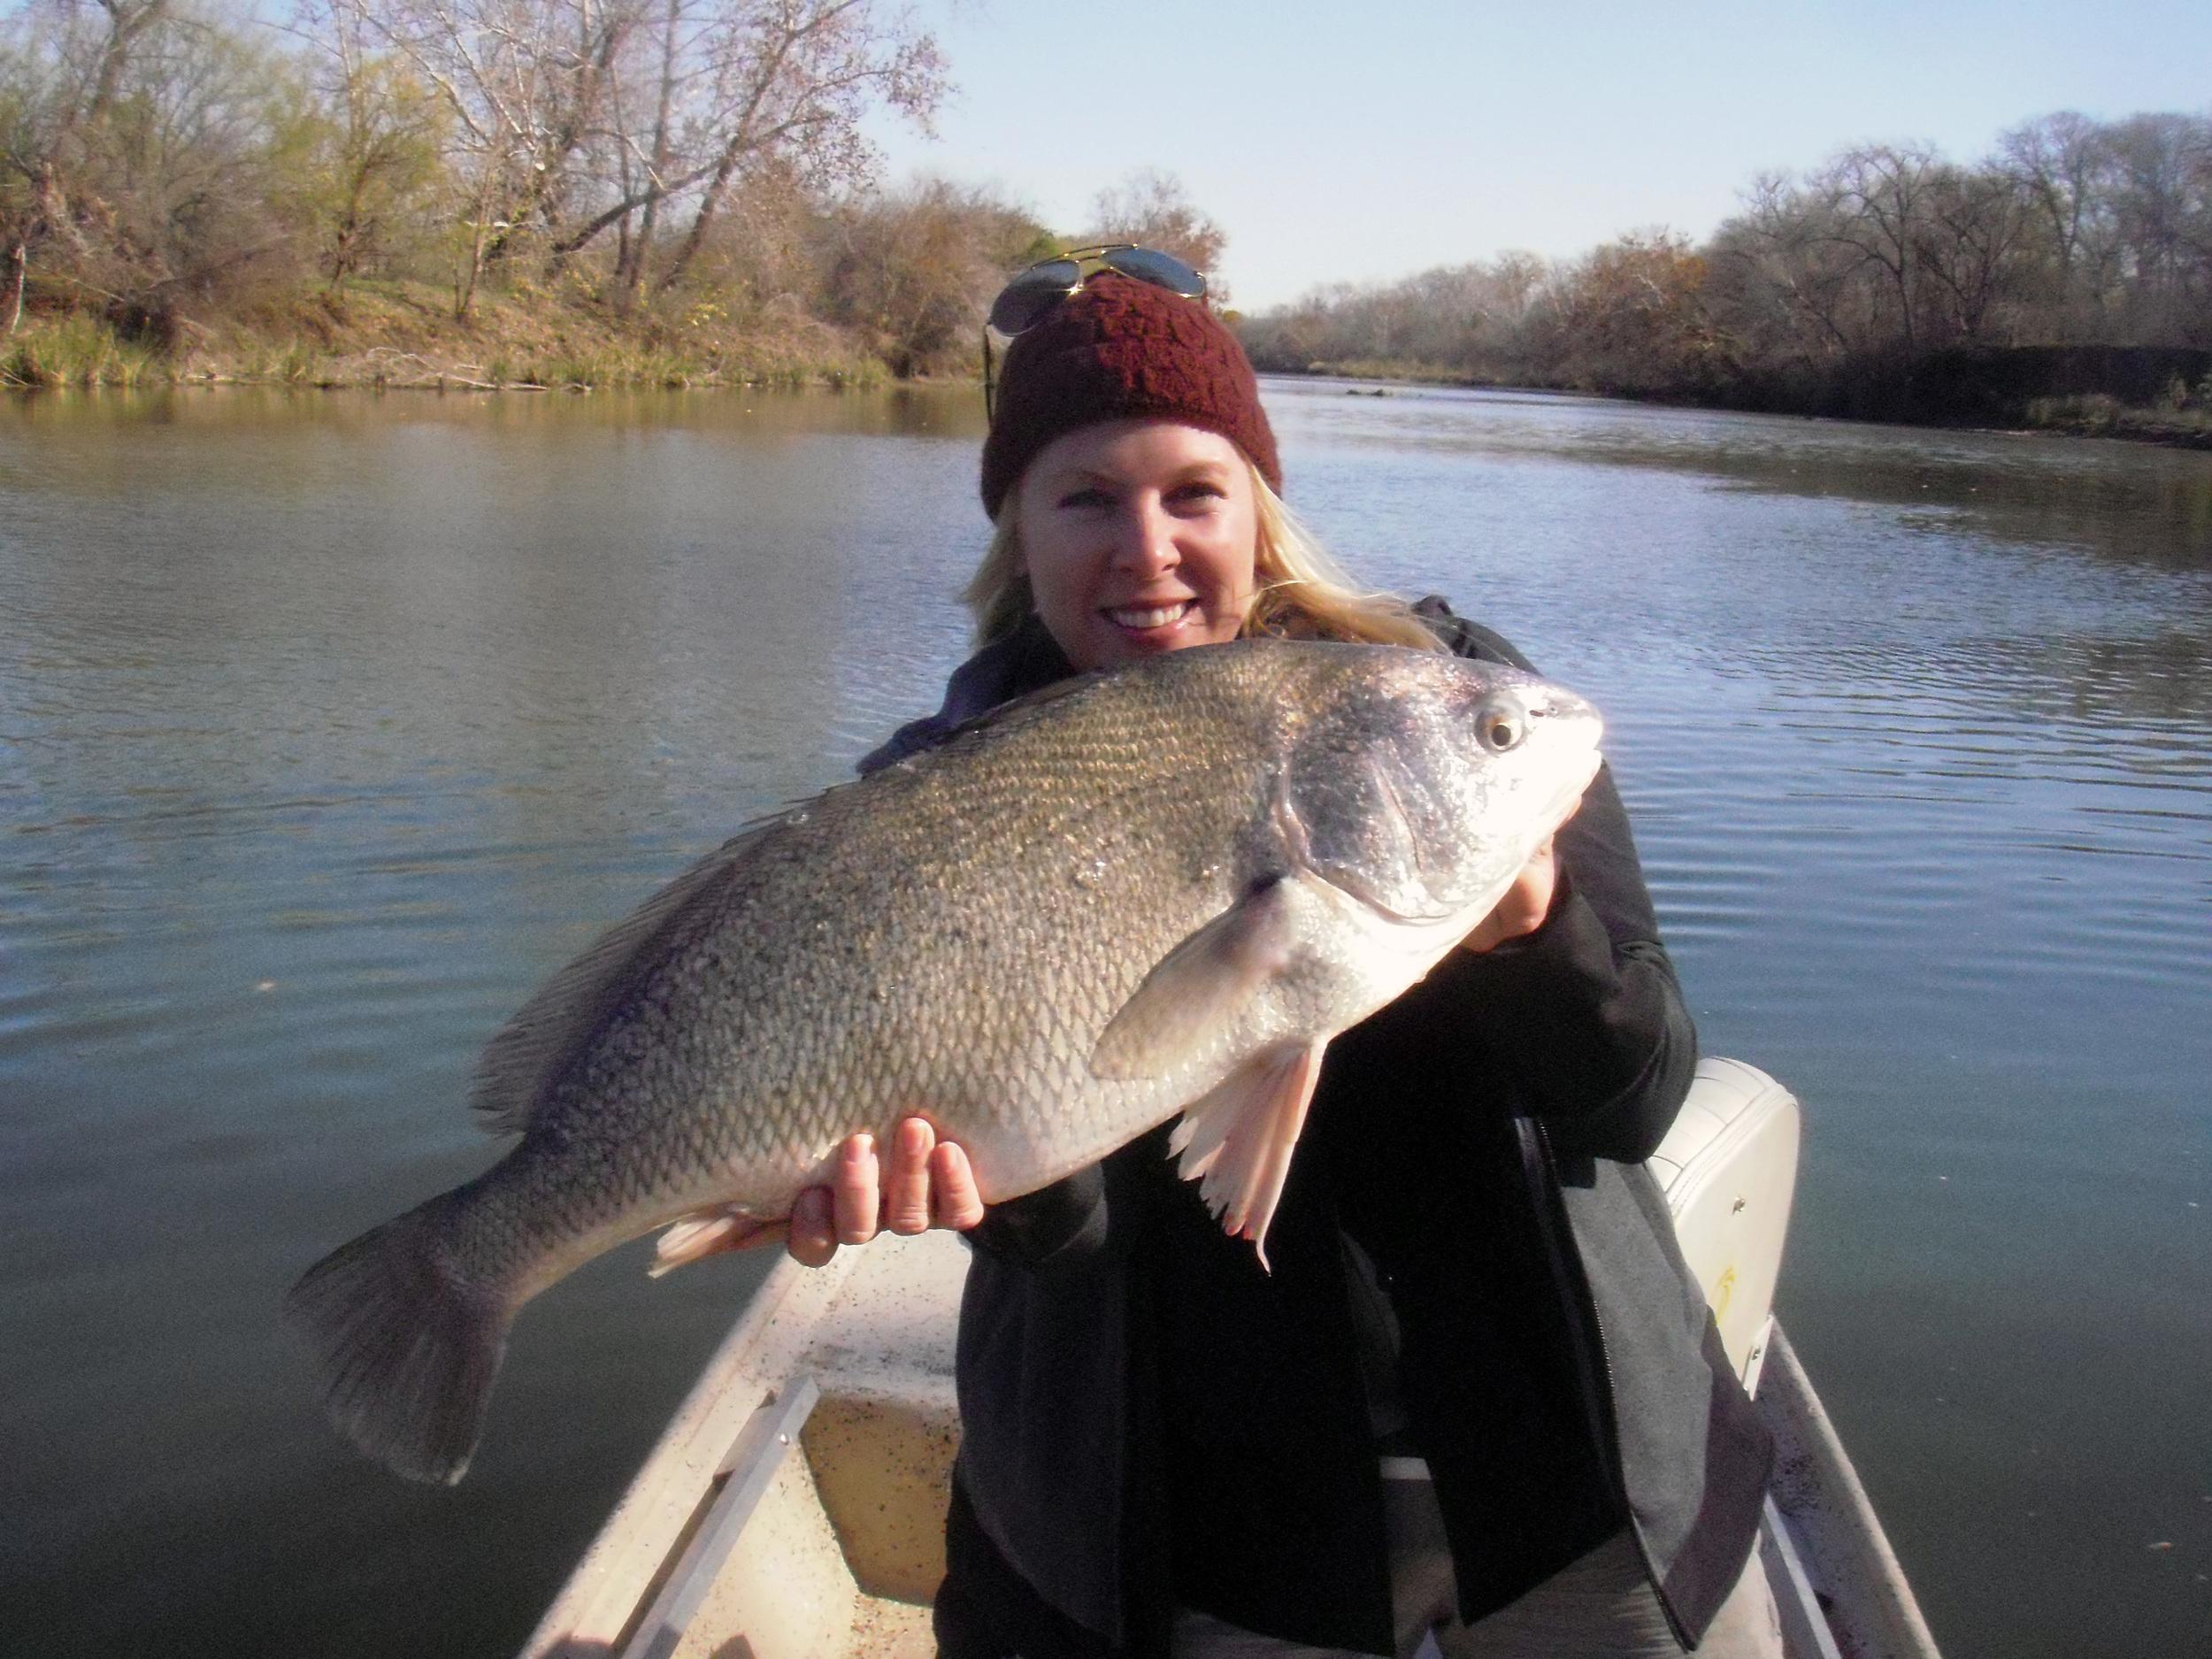 Jenn Koch with a Colorado River drum